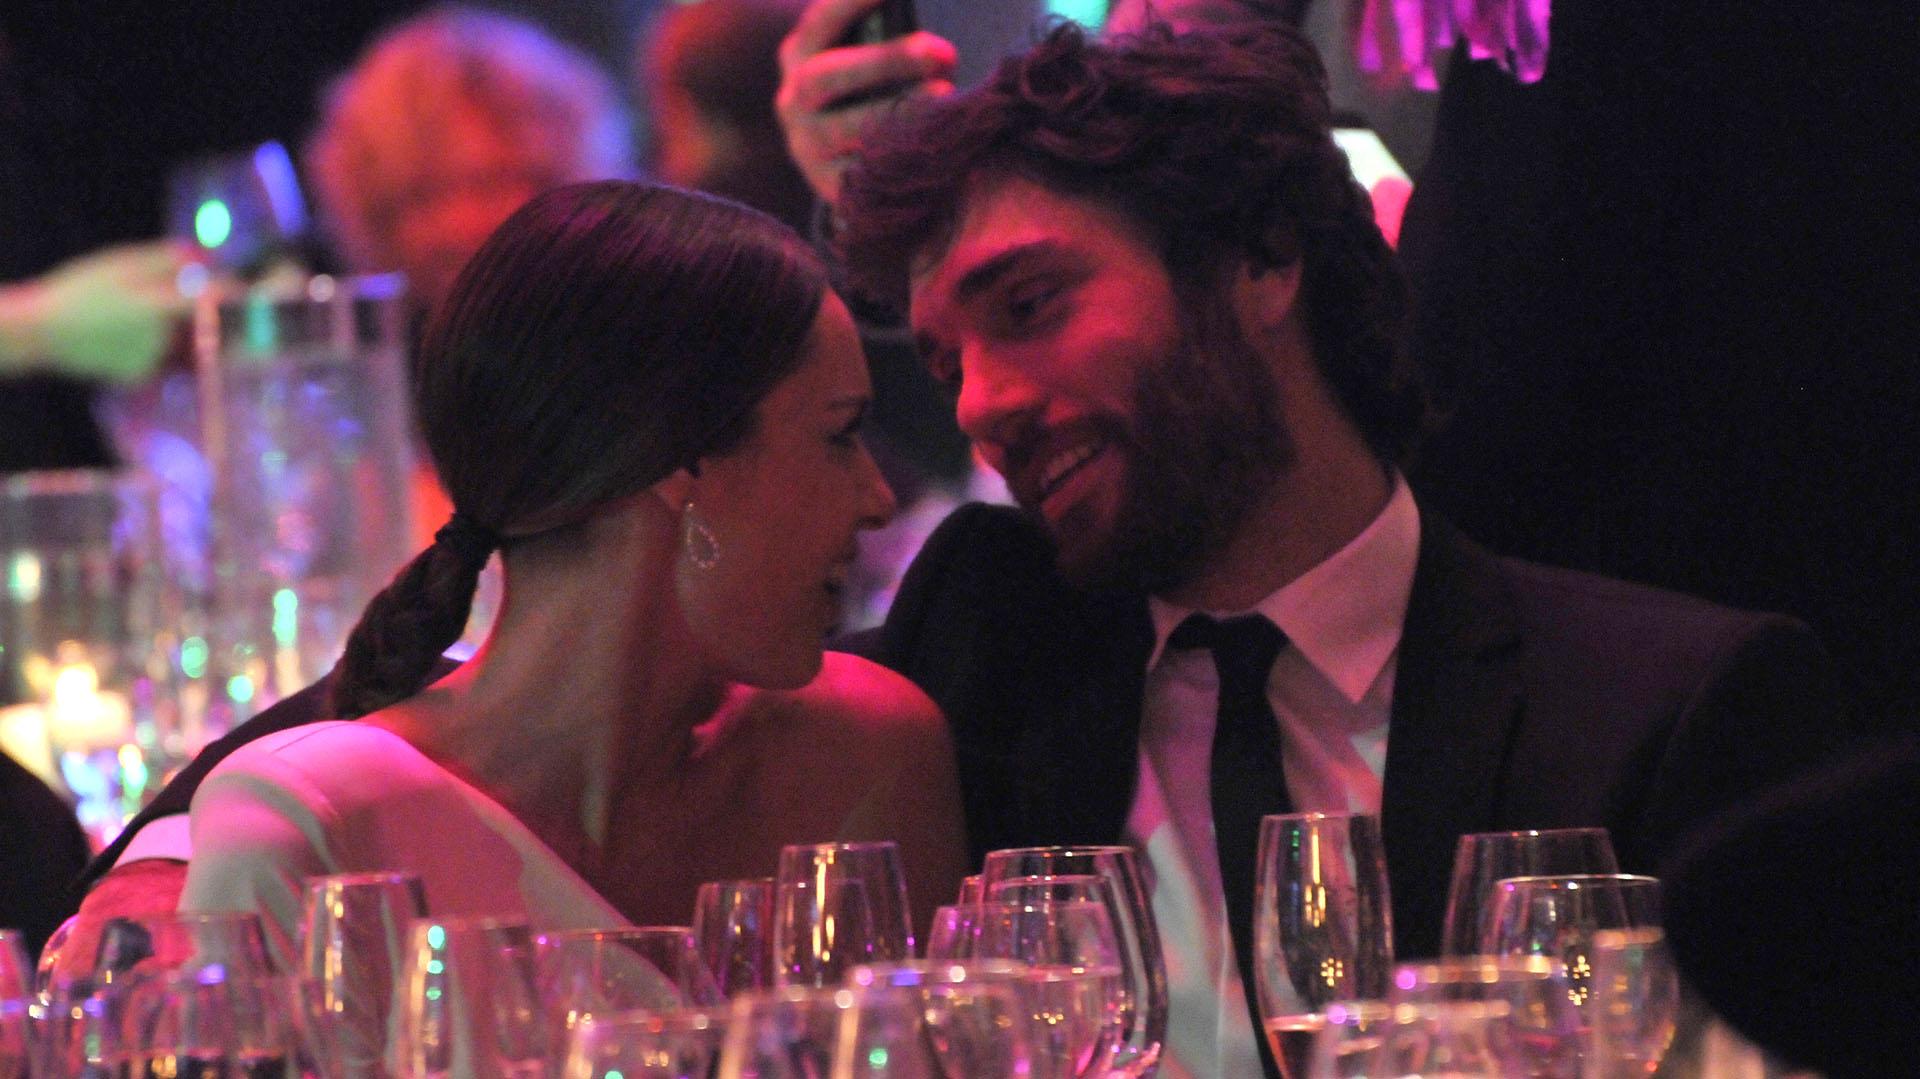 La modelo y su novio Mariano Barlcarce disfrutaron de la gala